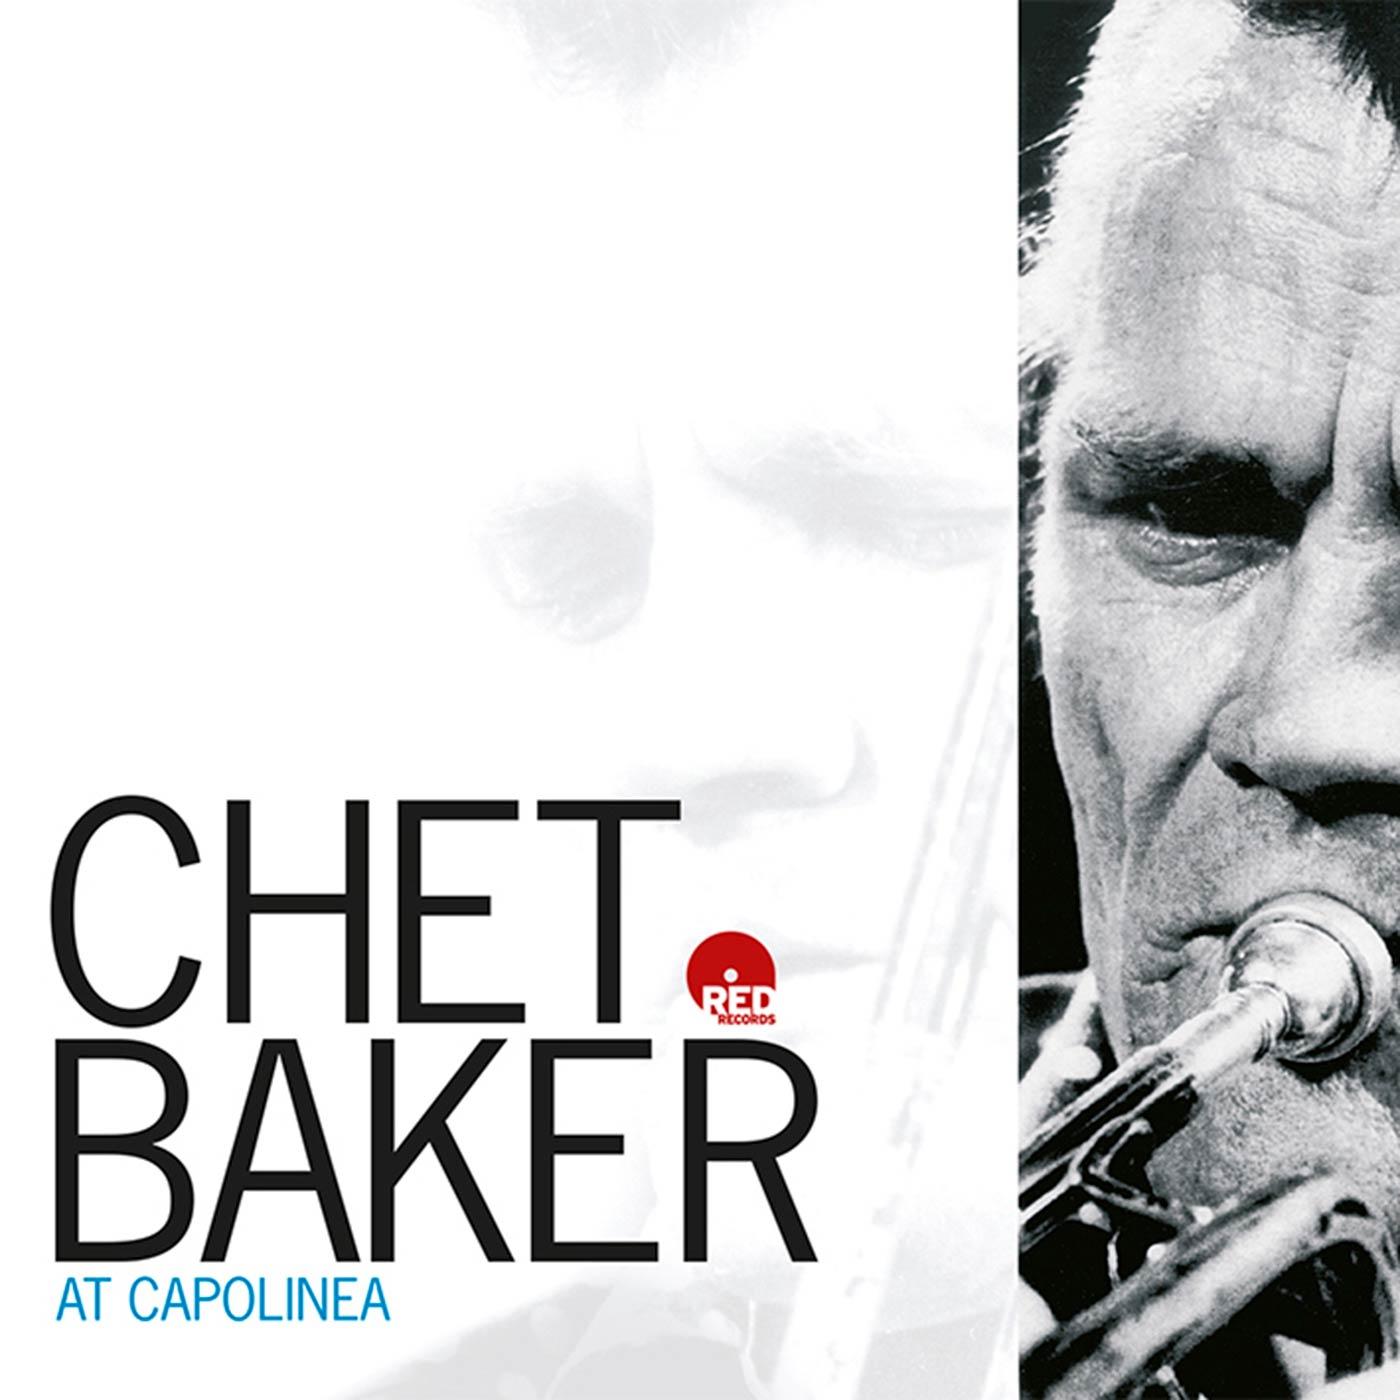 Chet Baker At Capolinea - Chet Baker